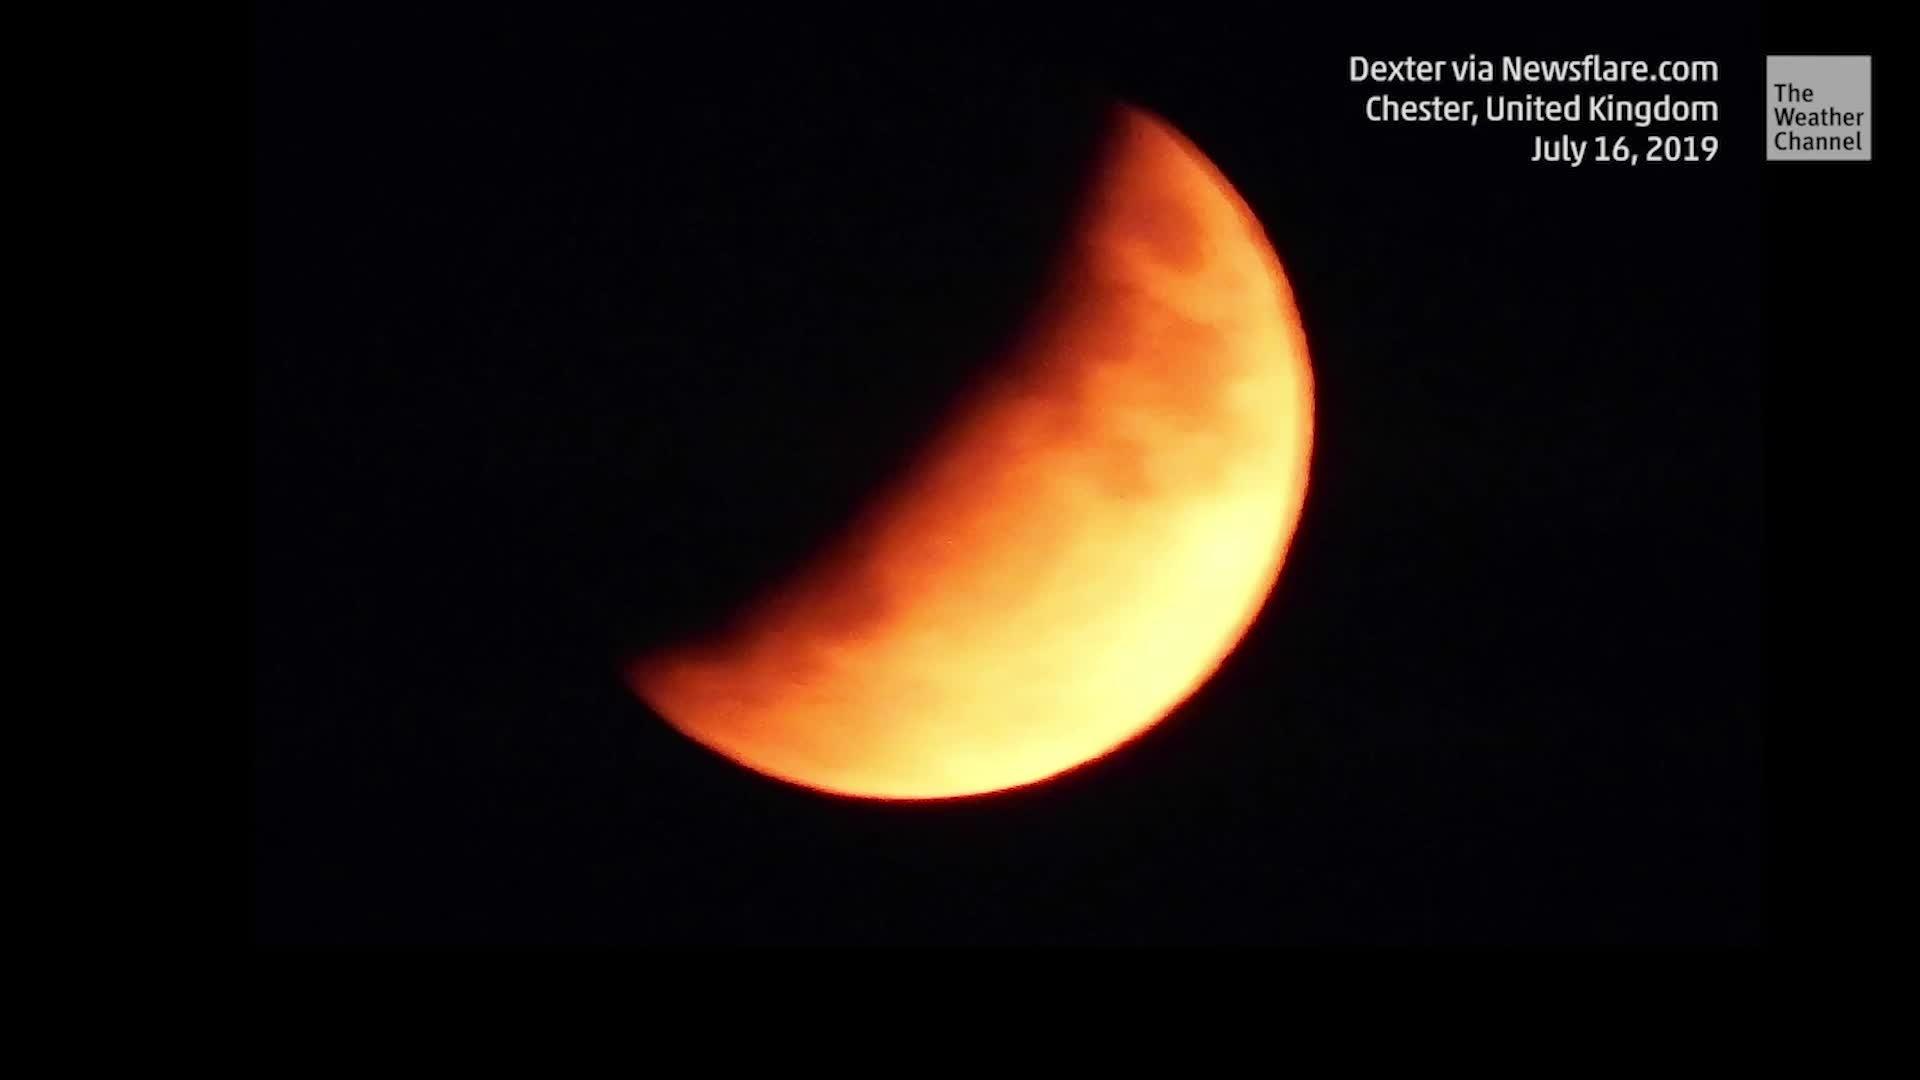 """Una impresionante """"media luna de sangre"""" iluminó los cielos en el Reino Unido durante un eclipse de luna parcial el 16 de julio."""